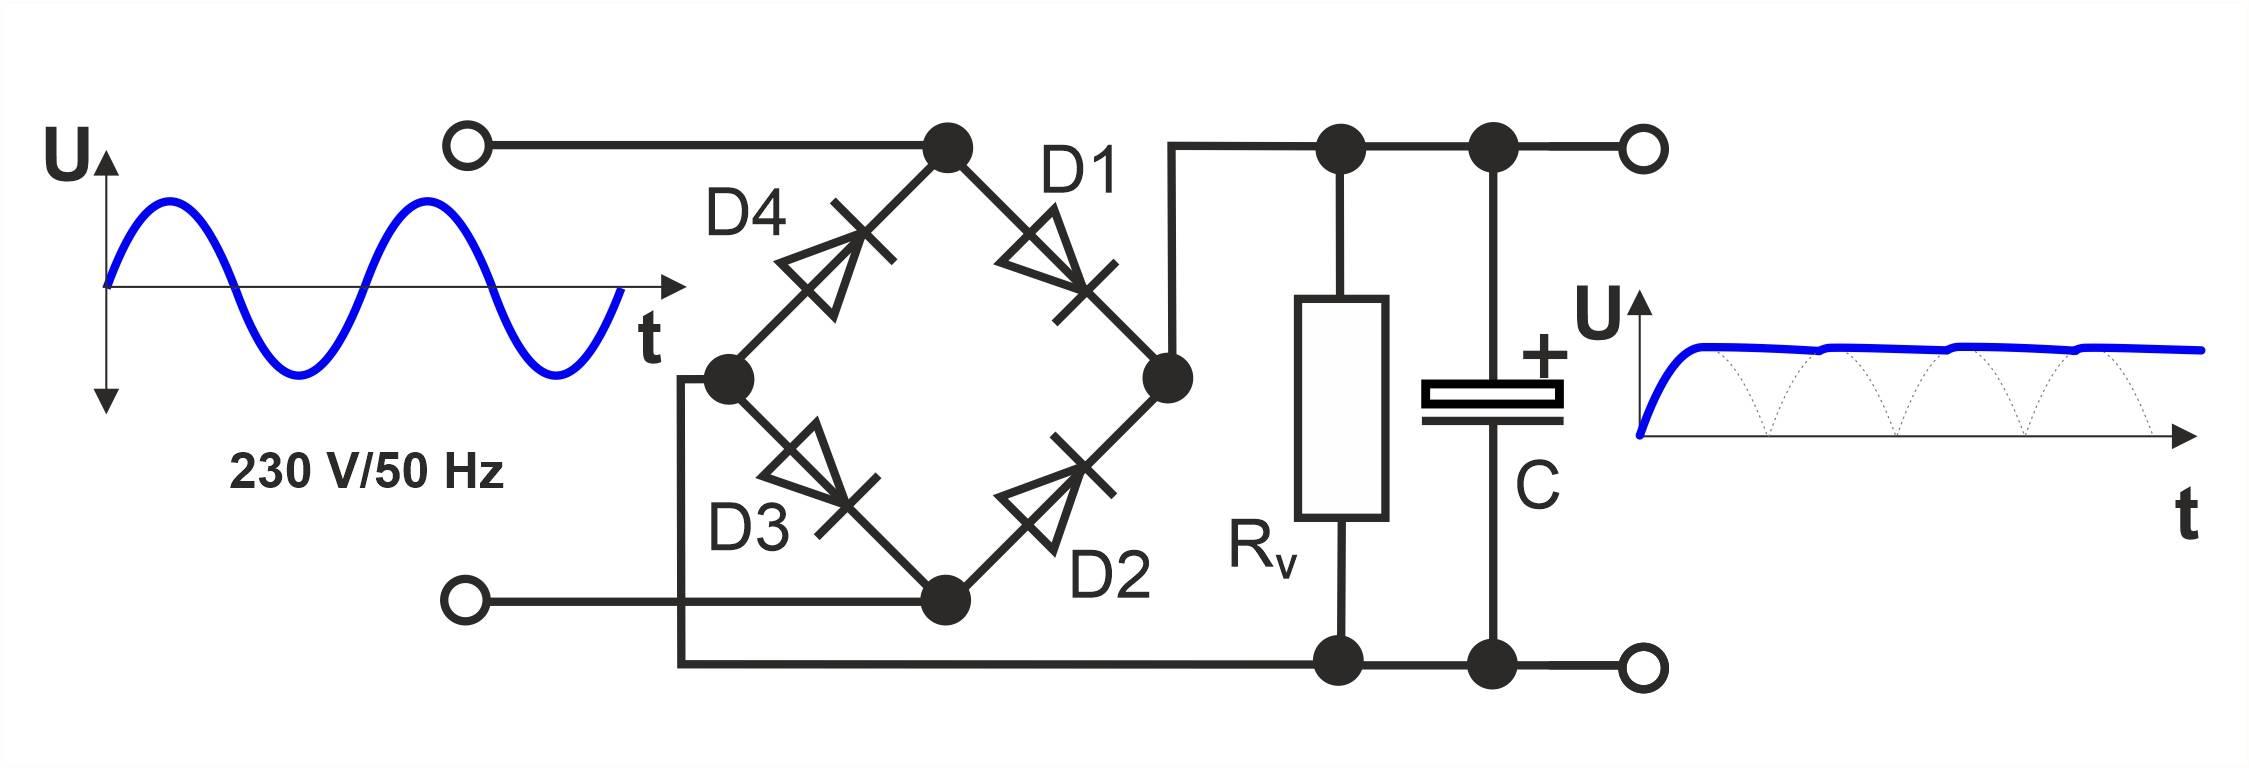 Brückengleichrichter mit Siebung